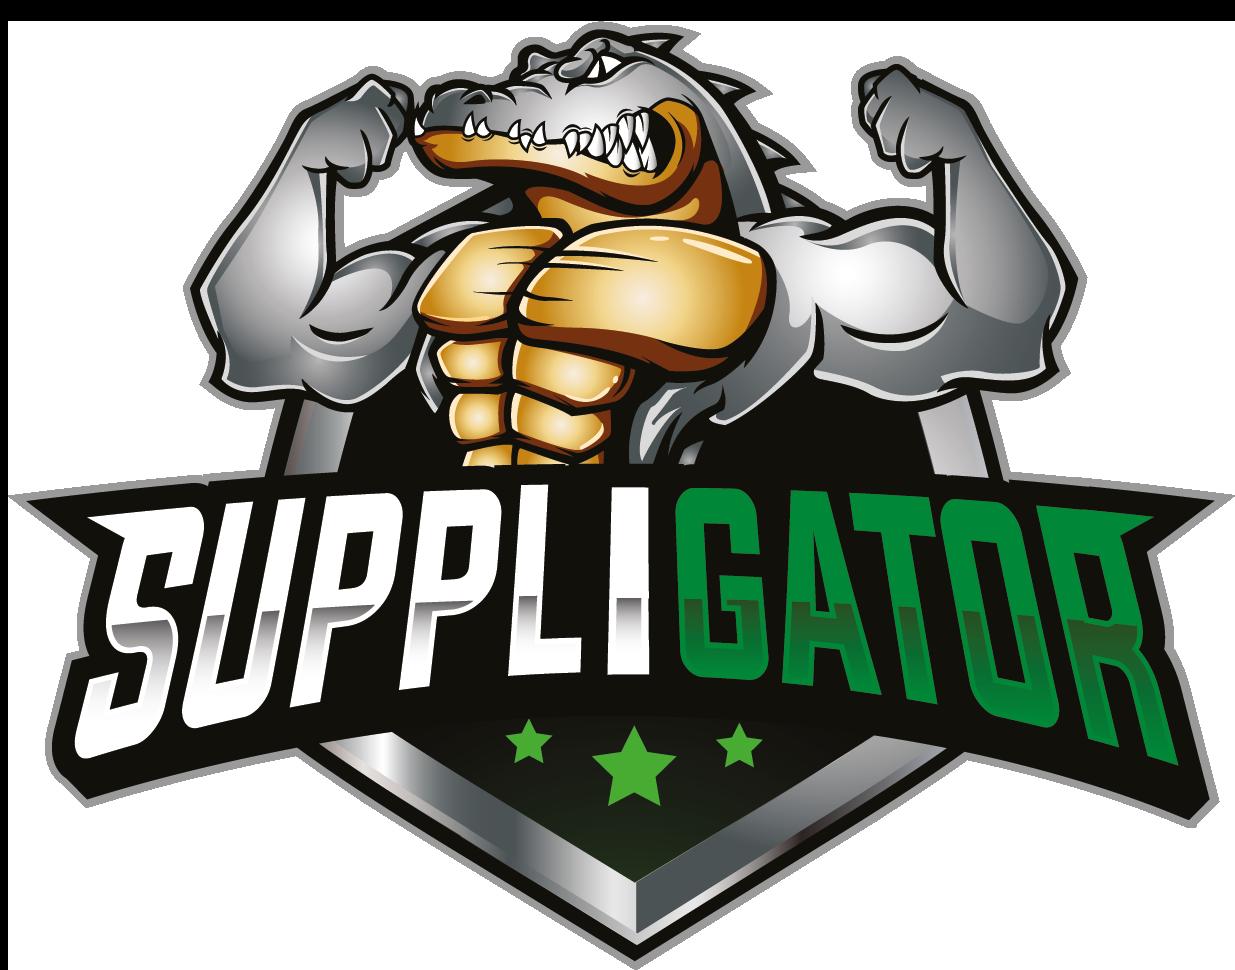 Supp_gr-go